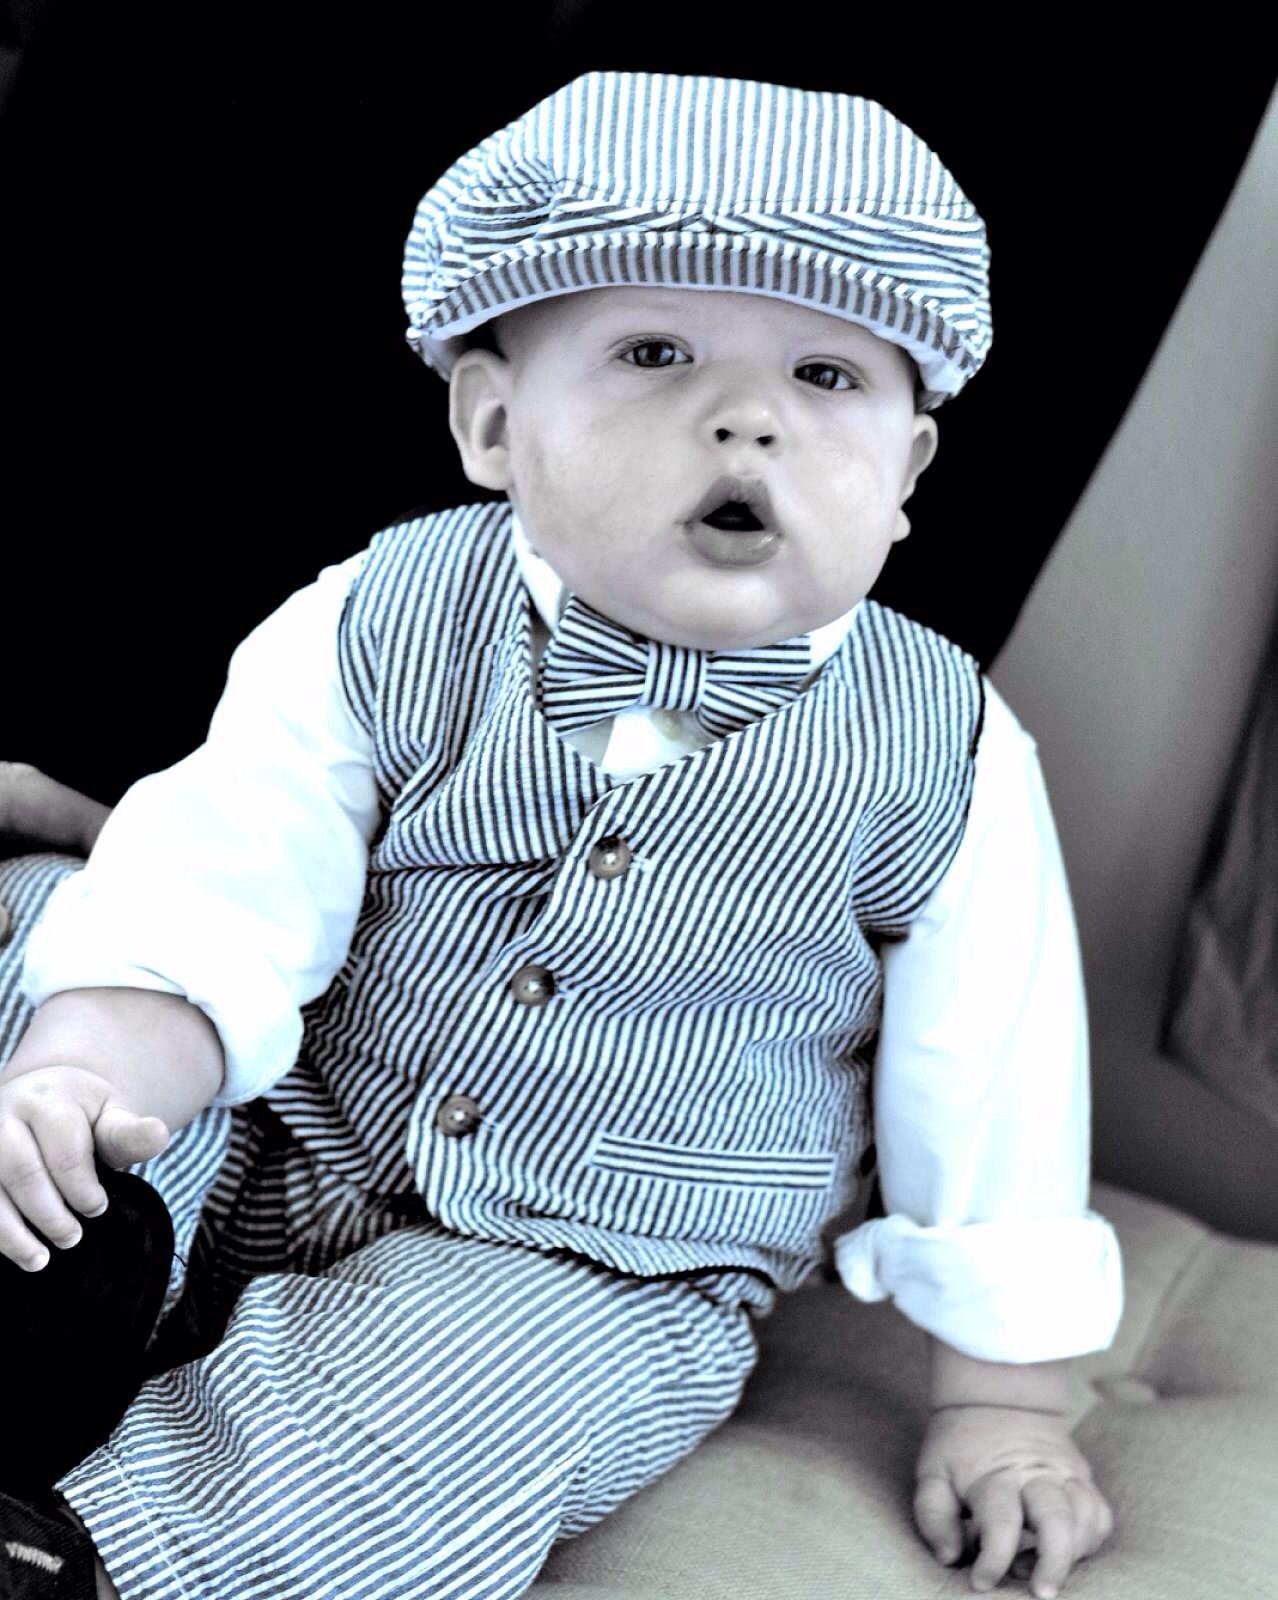 Cute kid photos Little boy dress up